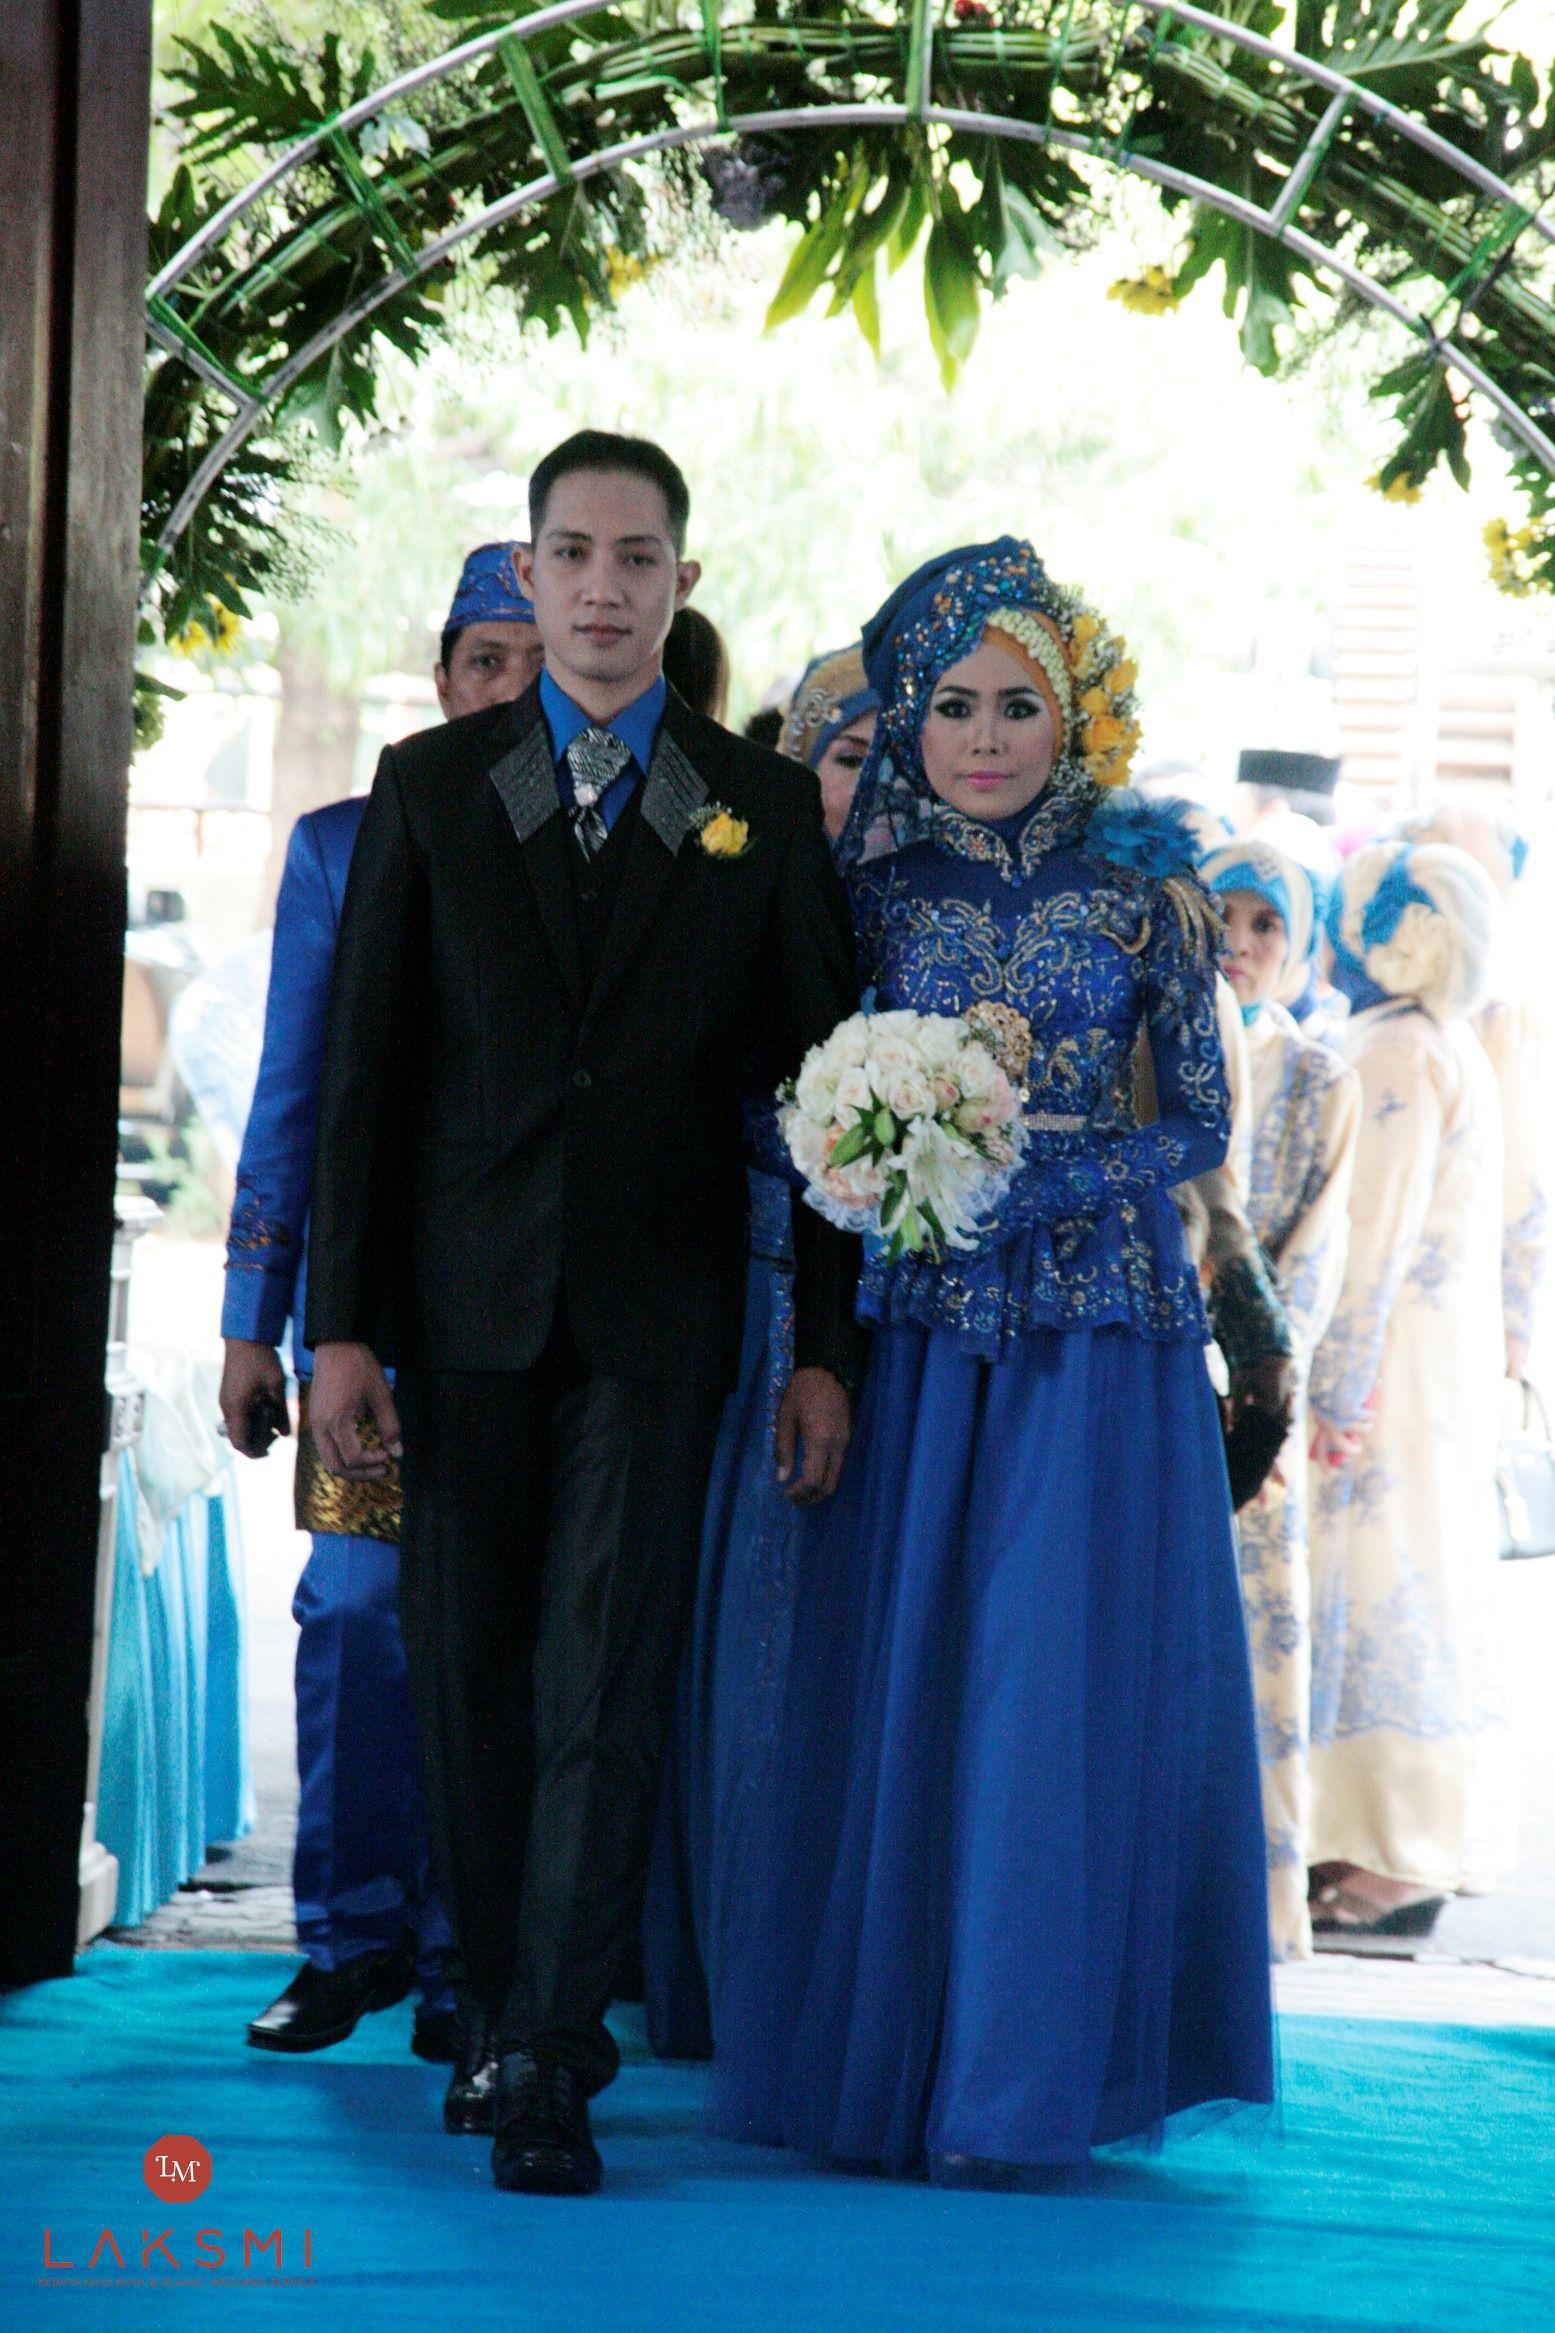 Menginginkan pernikahan yang meriah, Ria dan Ozik memilih warna